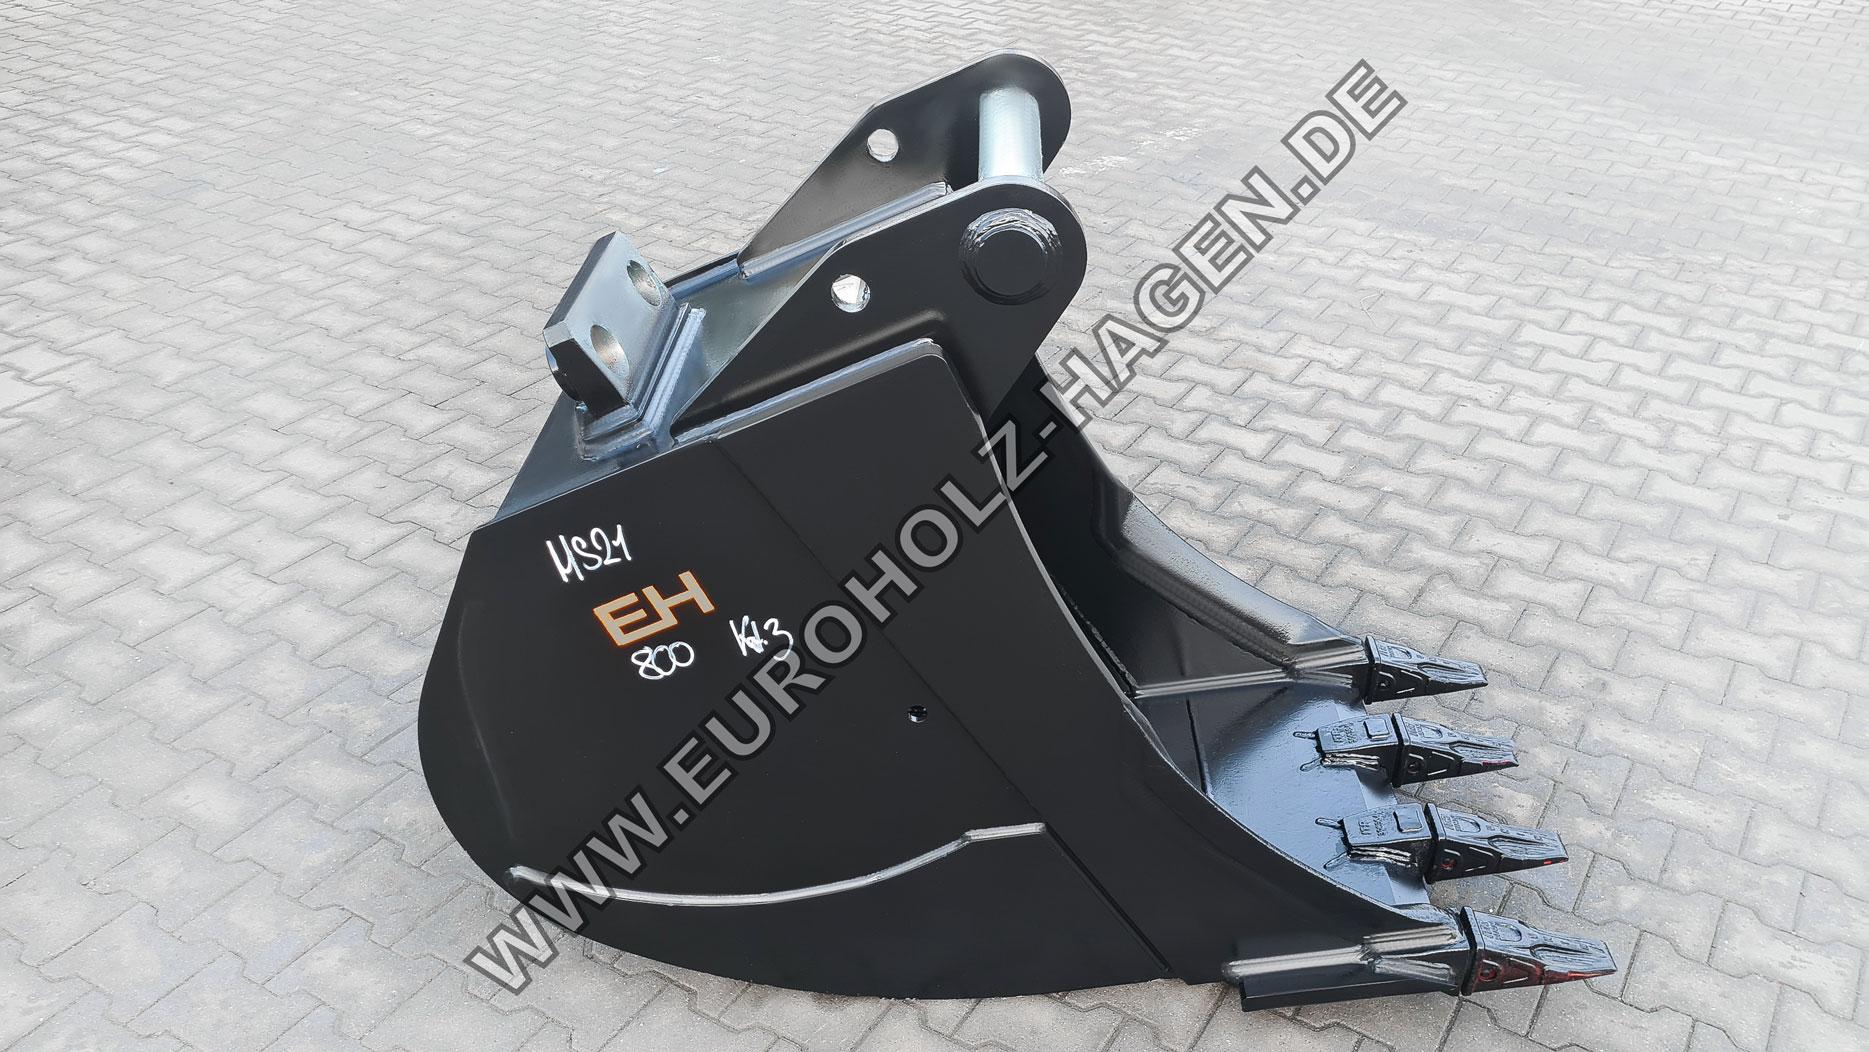 Tieflöffel passend für Lehnhoff MS21 800 mm Kat. 3